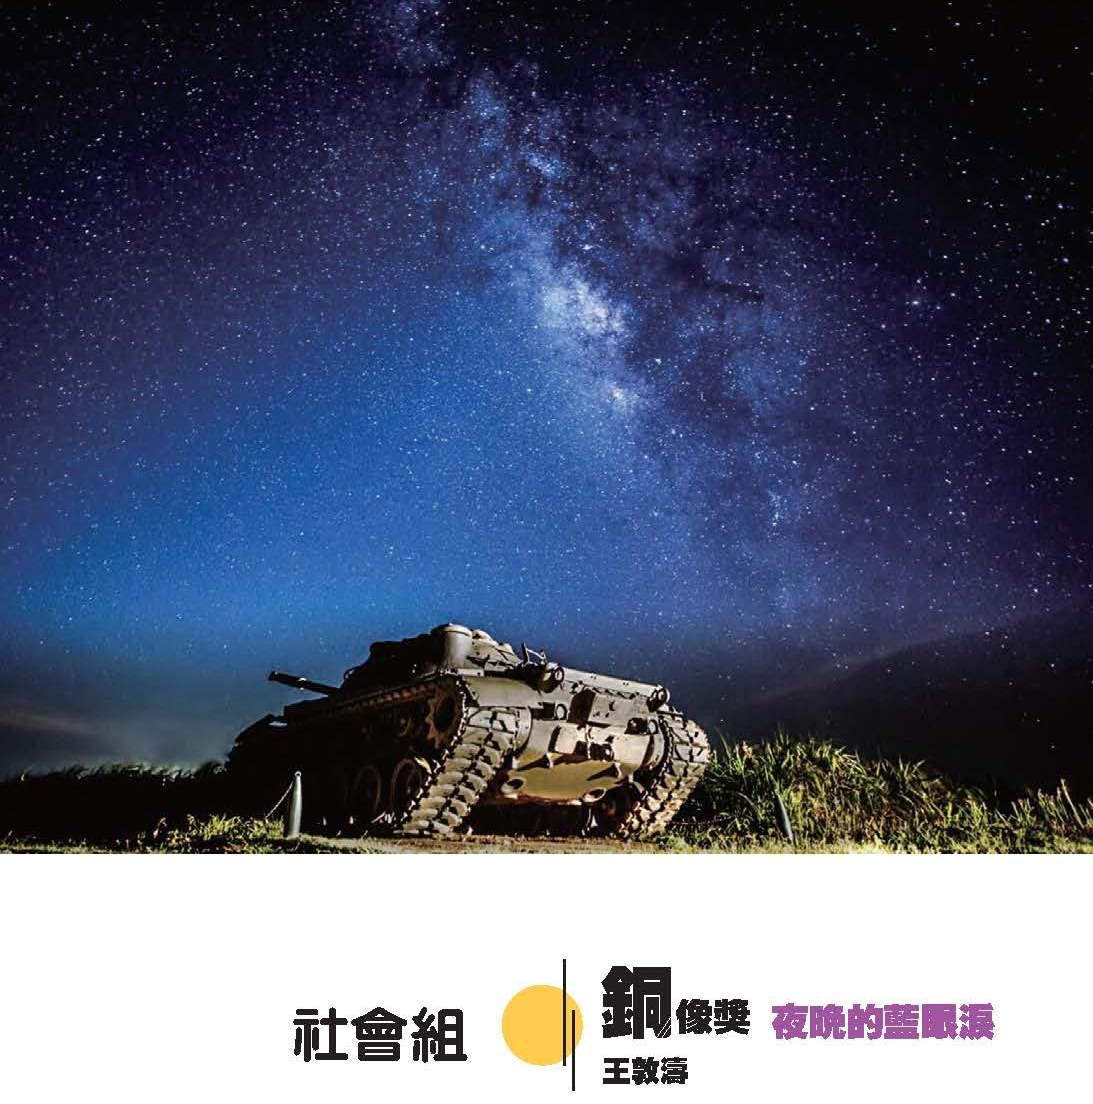 51屆攝影項社會組銅像獎_夜晚的藍眼淚1.jpg